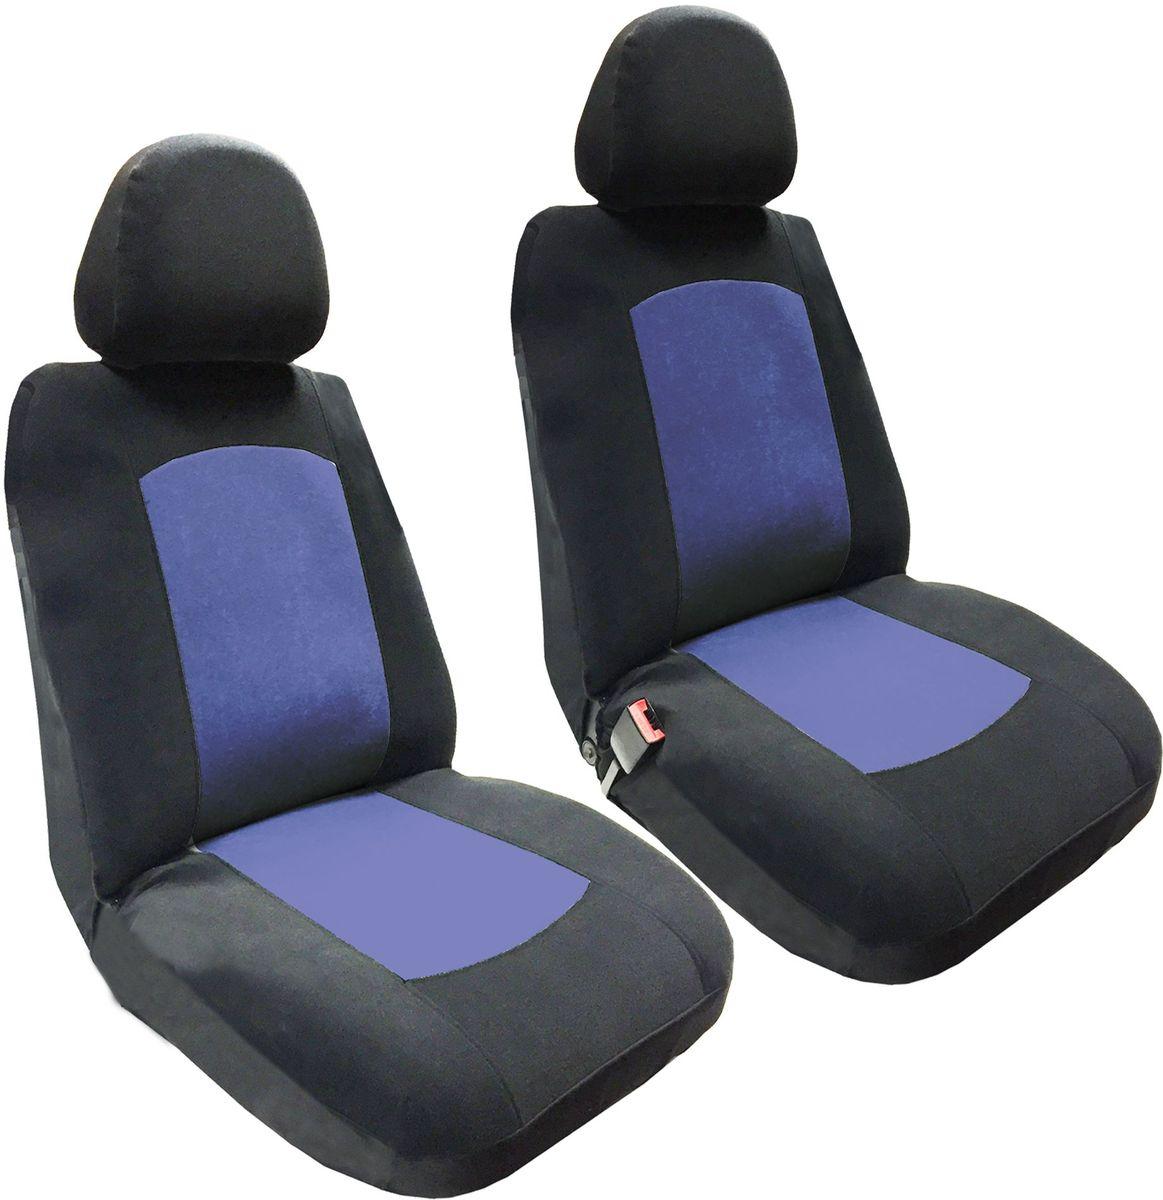 Набор автомобильных чехлов Auto Premium Фрегат, цвет: черный, синий, 4 предмета57202Комлект универсальных чехлов на передние сиденья выполнен из велюра, предназначен для передних кресел автомобиля. На задней спинке чехла расположен вшивной карман. В комплект входят съемные чехлы для подголовников .Практичный и долговечный комплект чехлов для передних сидений надежно защищает сиденье водителя и пассажира от механических повреждений, загрязнений и износа.